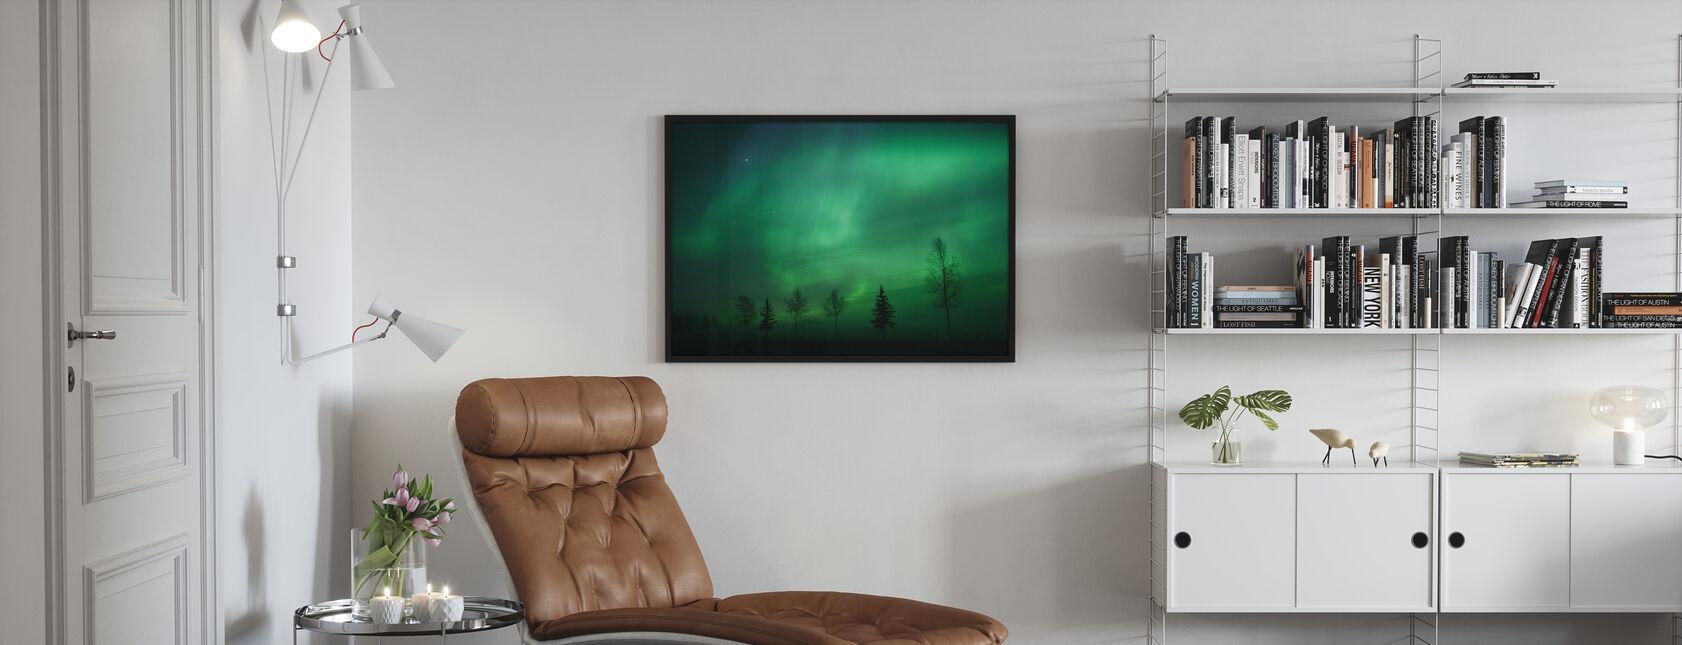 Lumières nordiques - Impression encadree - Salle à manger